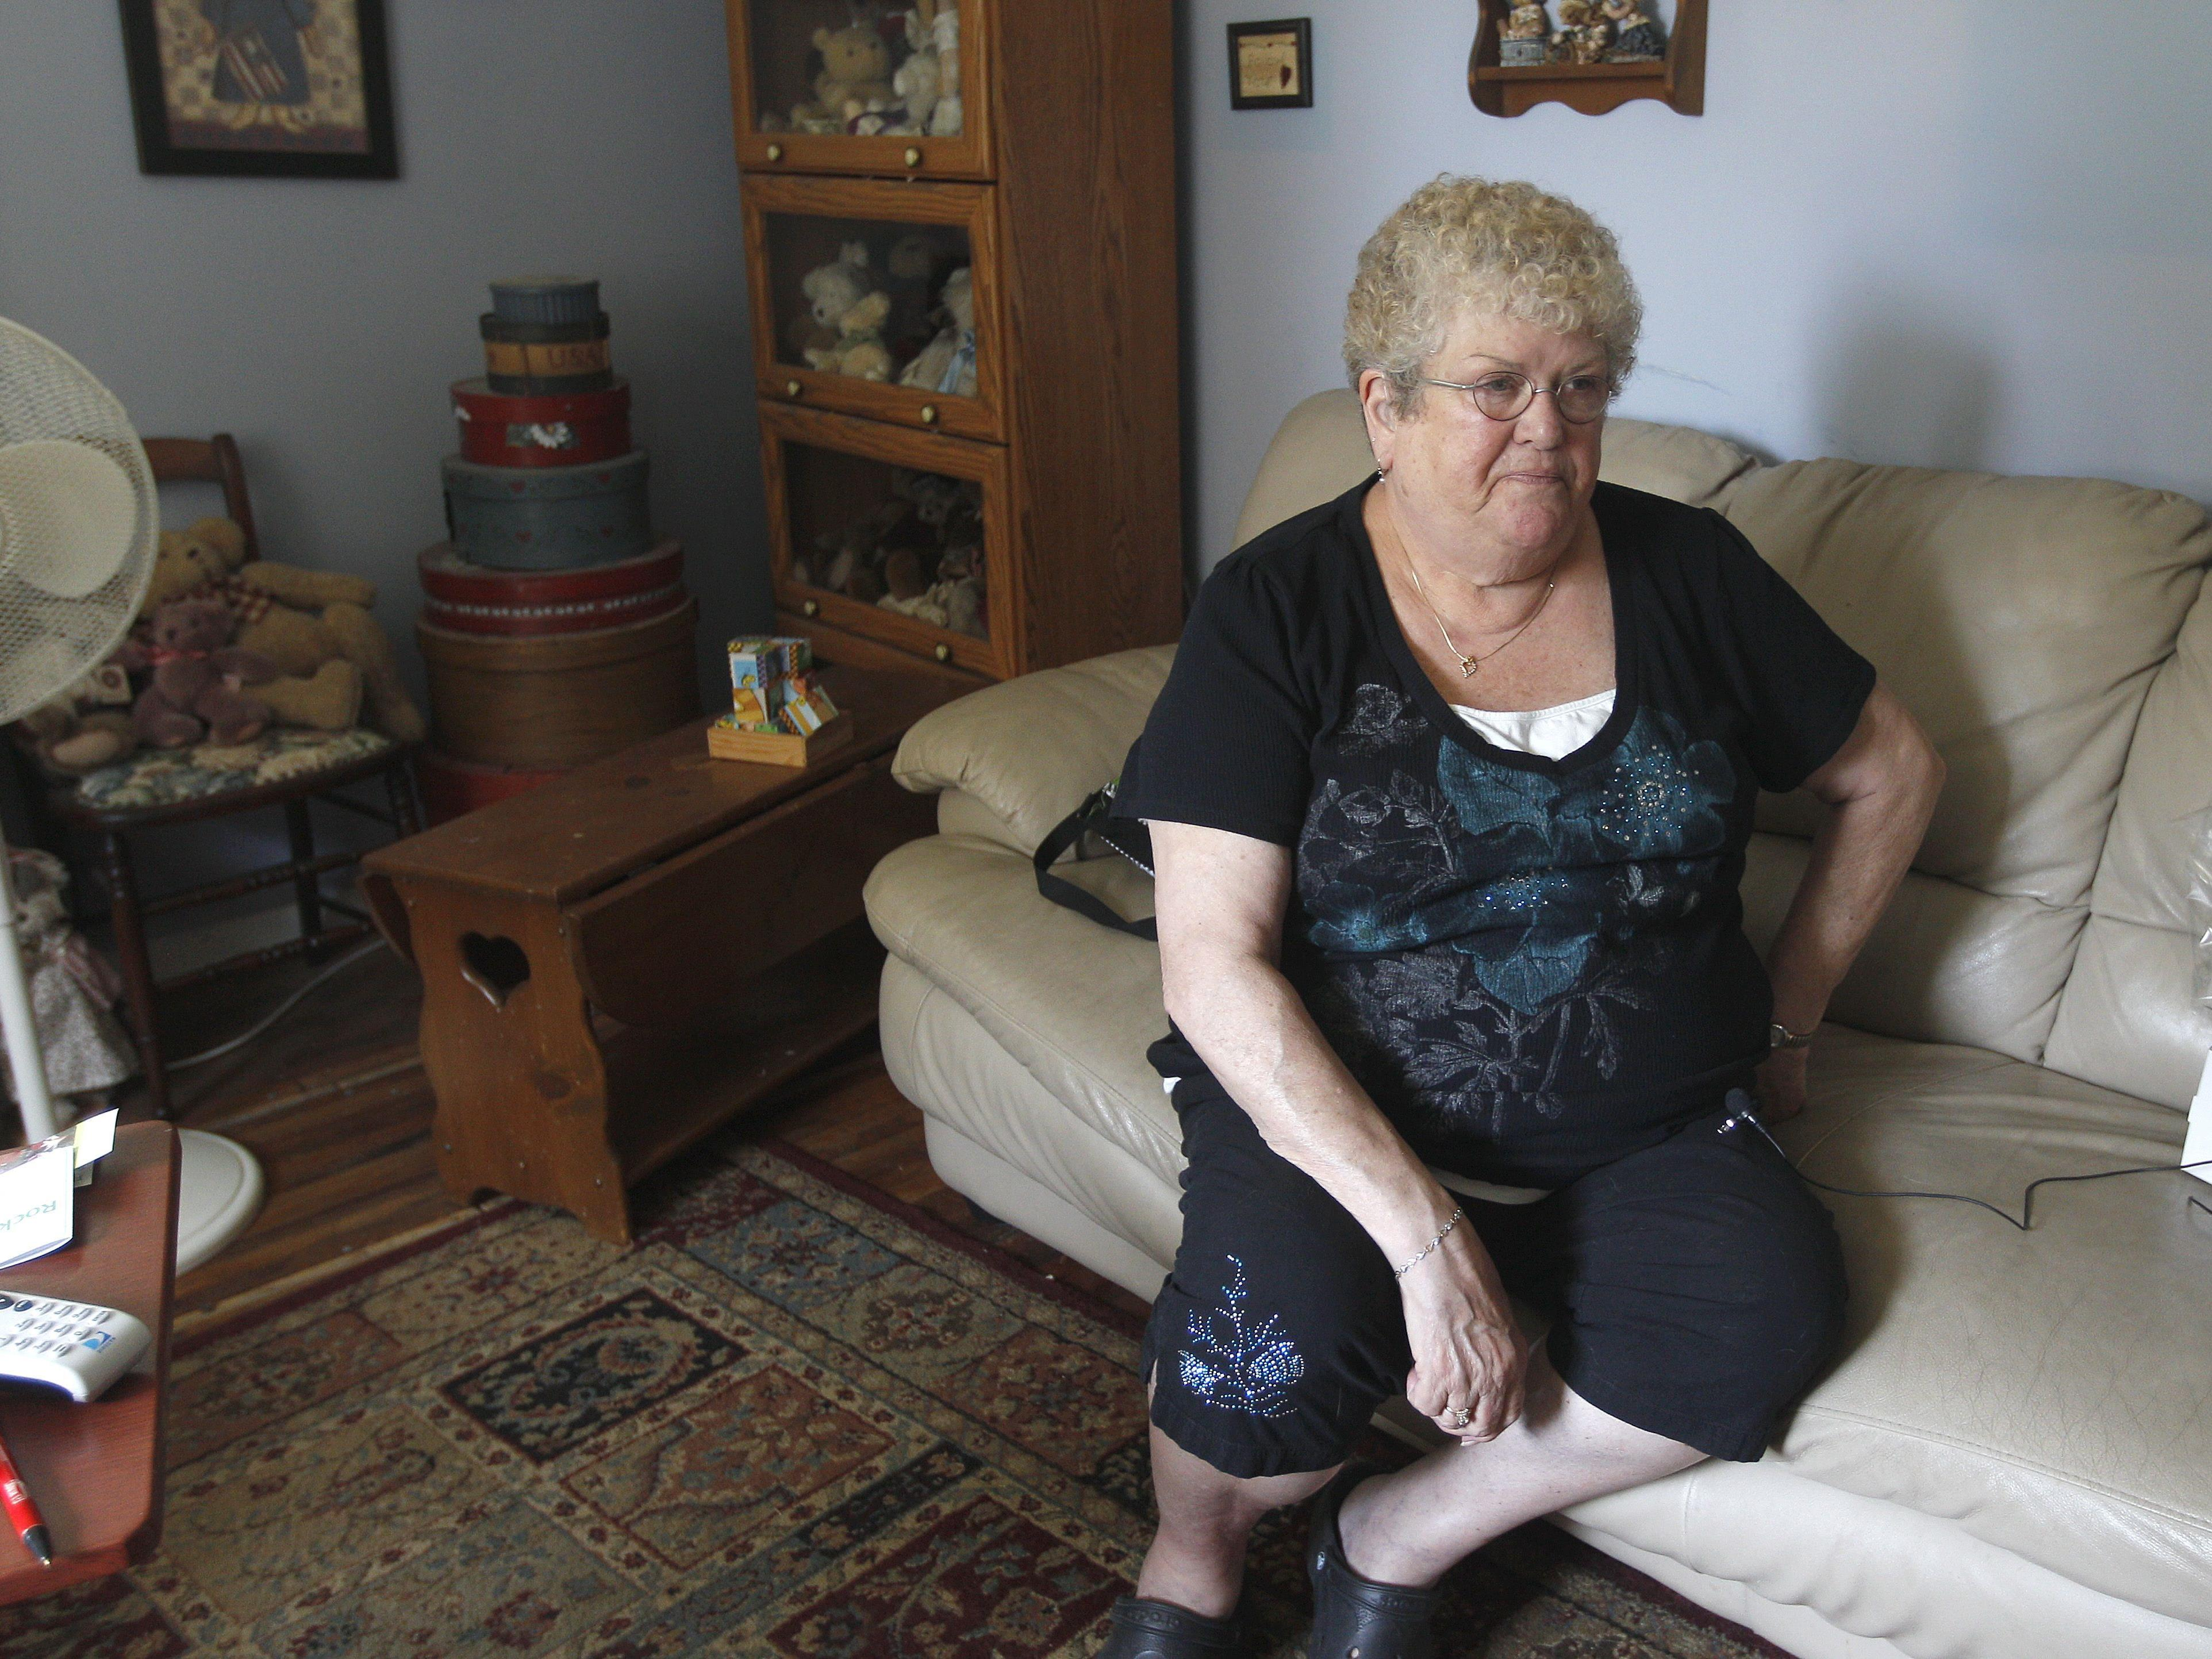 Handy-Video macht 68-Jährige zu Internet-Berühmheit.